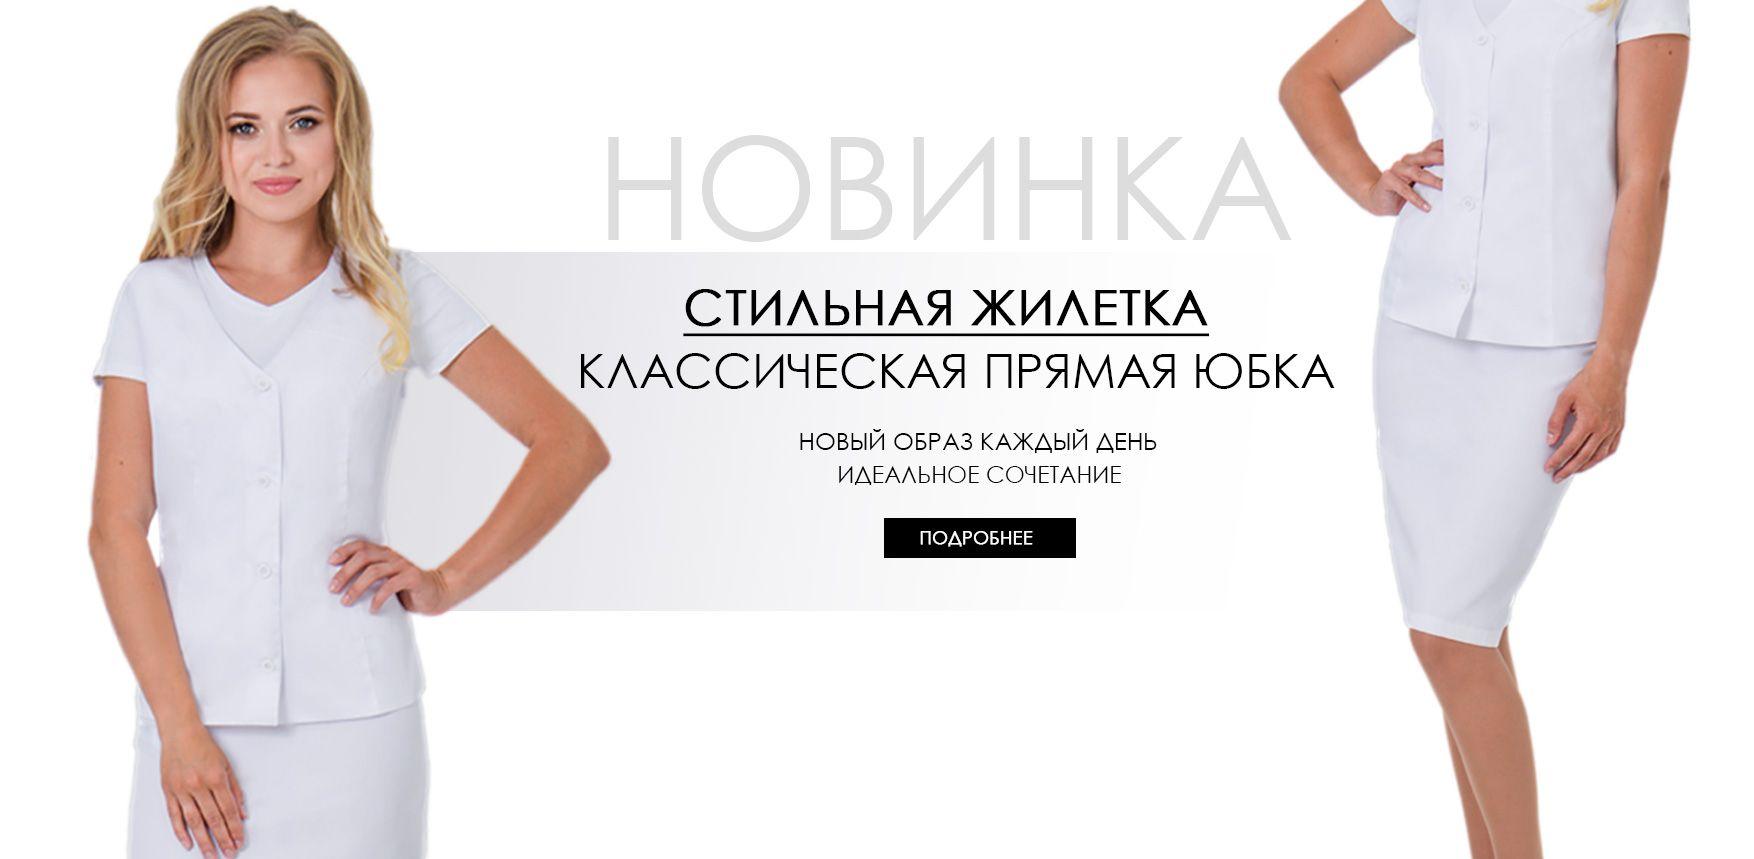 94e200b281d92 Медицинская одежда — купить в интернет-магазине в розницу в Москве